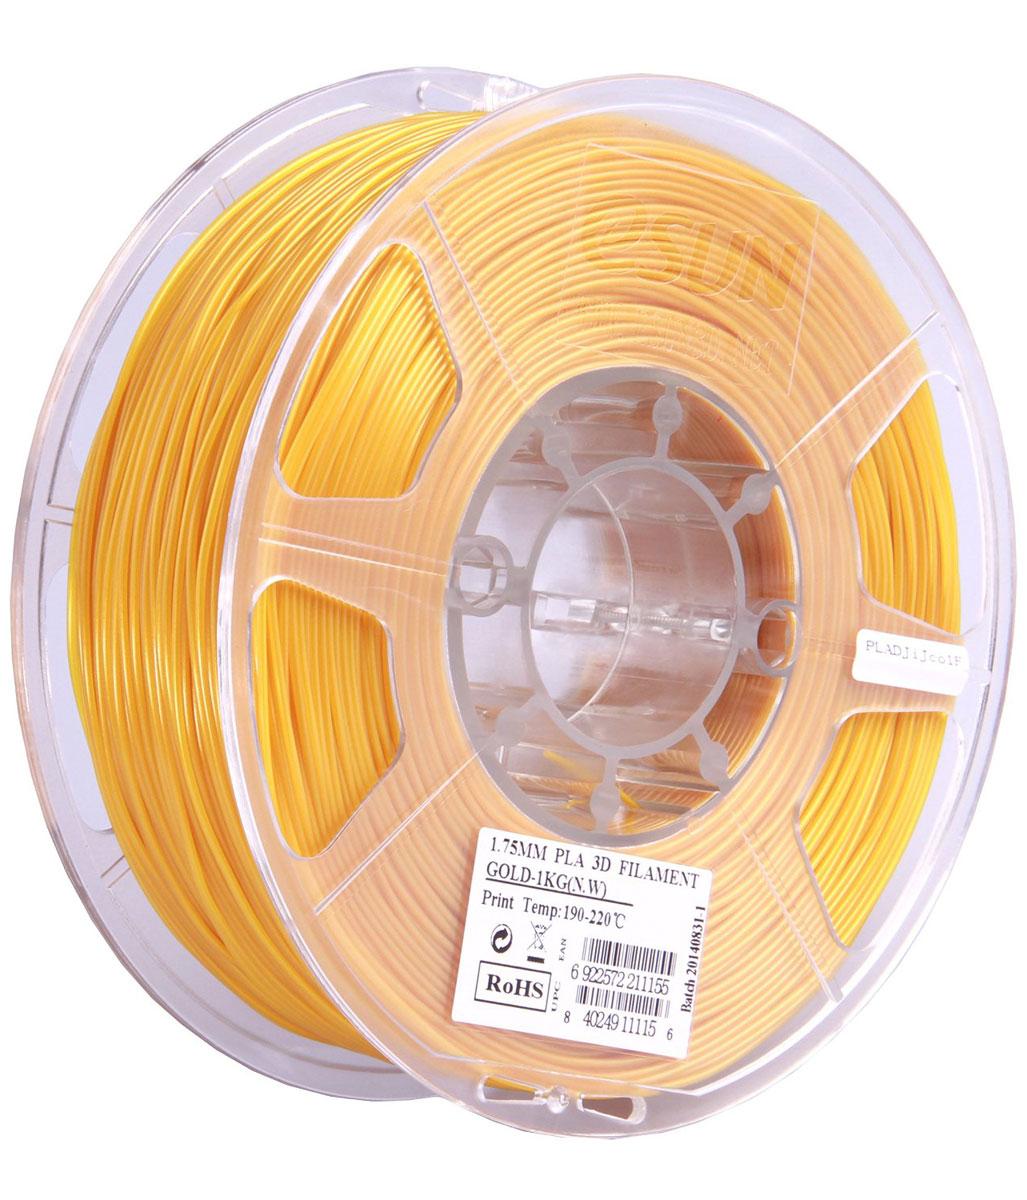 ESUN PLA-пластик в катушке, Gold (PLA175J1)PLA175J1Пластик PLA от ESUN долговечный и очень прочный полимер, ударопрочный, эластичный и стойкий к моющим средствам и щелочам. Один из лучших материалов для печати на 3D принтере. Пластик не имеет запаха и не является токсичным. Температура плавления190-220°C. PLA пластик для 3D-принтера применяется в деталях автомобилей, канцелярских изделиях, корпусах бытовой техники, мебели, сантехники, а также в производстве игрушек, сувениров, спортивного инвентаря, деталей оружия, медицинского оборудования и прочего.Диаметр нити: 1.75 мм